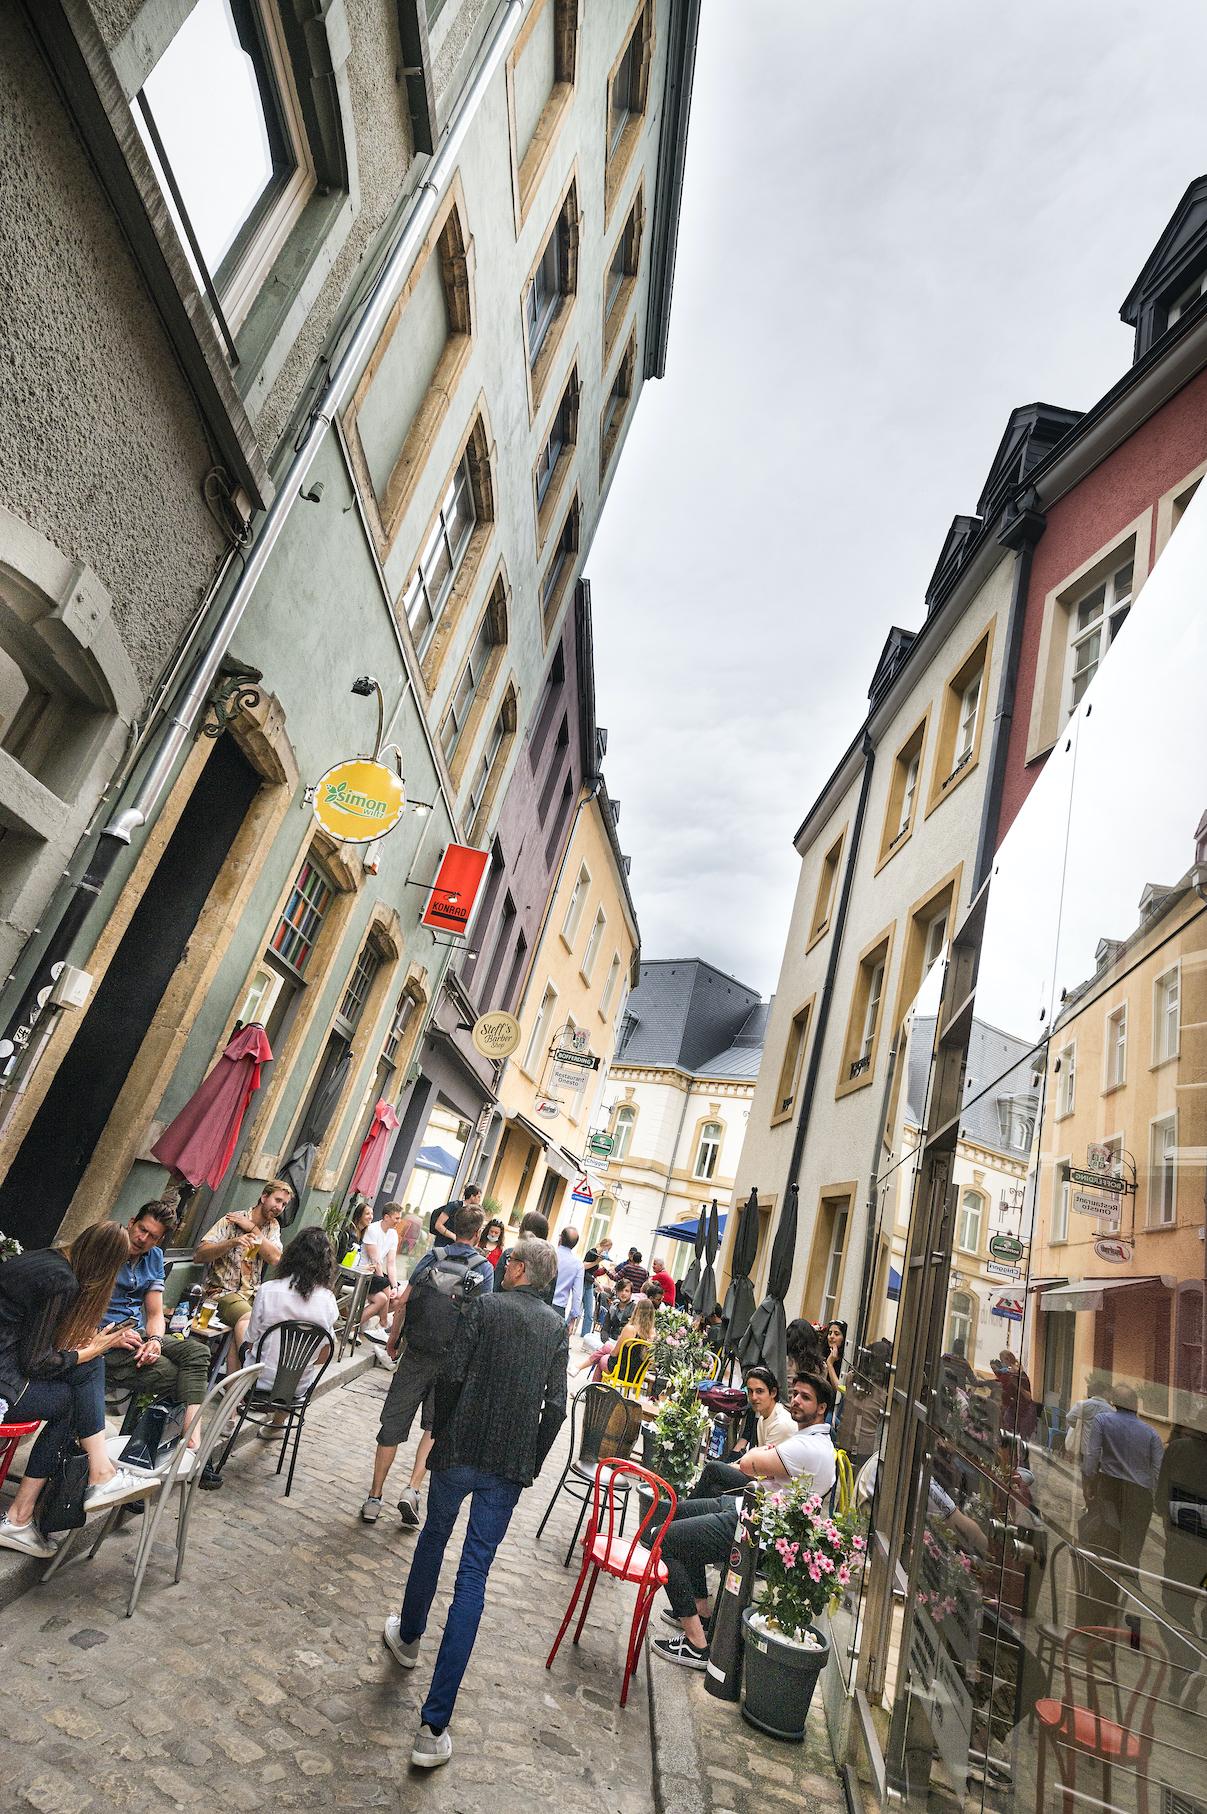 Europa, Luxemburg, Luxemburg Stadt, Stadtführung mit Architekten, Stadttour, Architektur, engl. Europe, Luxembourg, Luxembourg City, city tour with architects, architecture